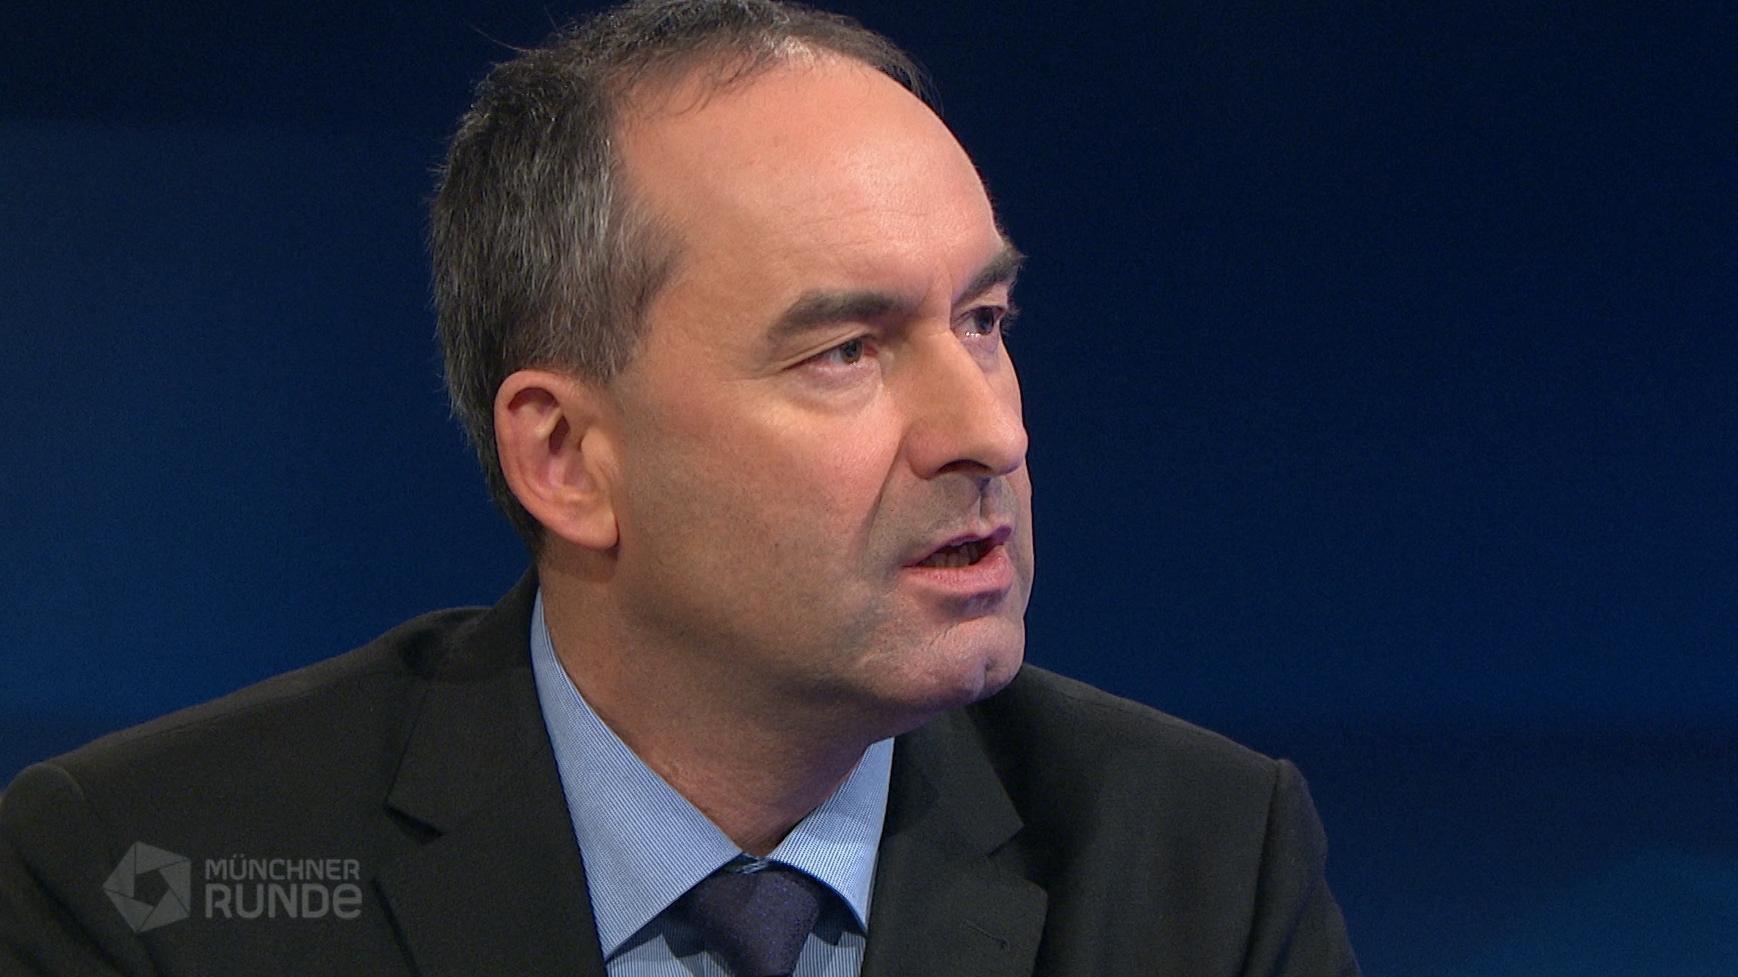 """Ein """"harter Brexit"""" könnte der bayerischen Wirtschaft Milliardenschäden bescheren. Das sagte Bayerns Wirtschaftsminister Hubert Aiwanger in der """"Münchner Runde"""" im BR Fernsehen."""